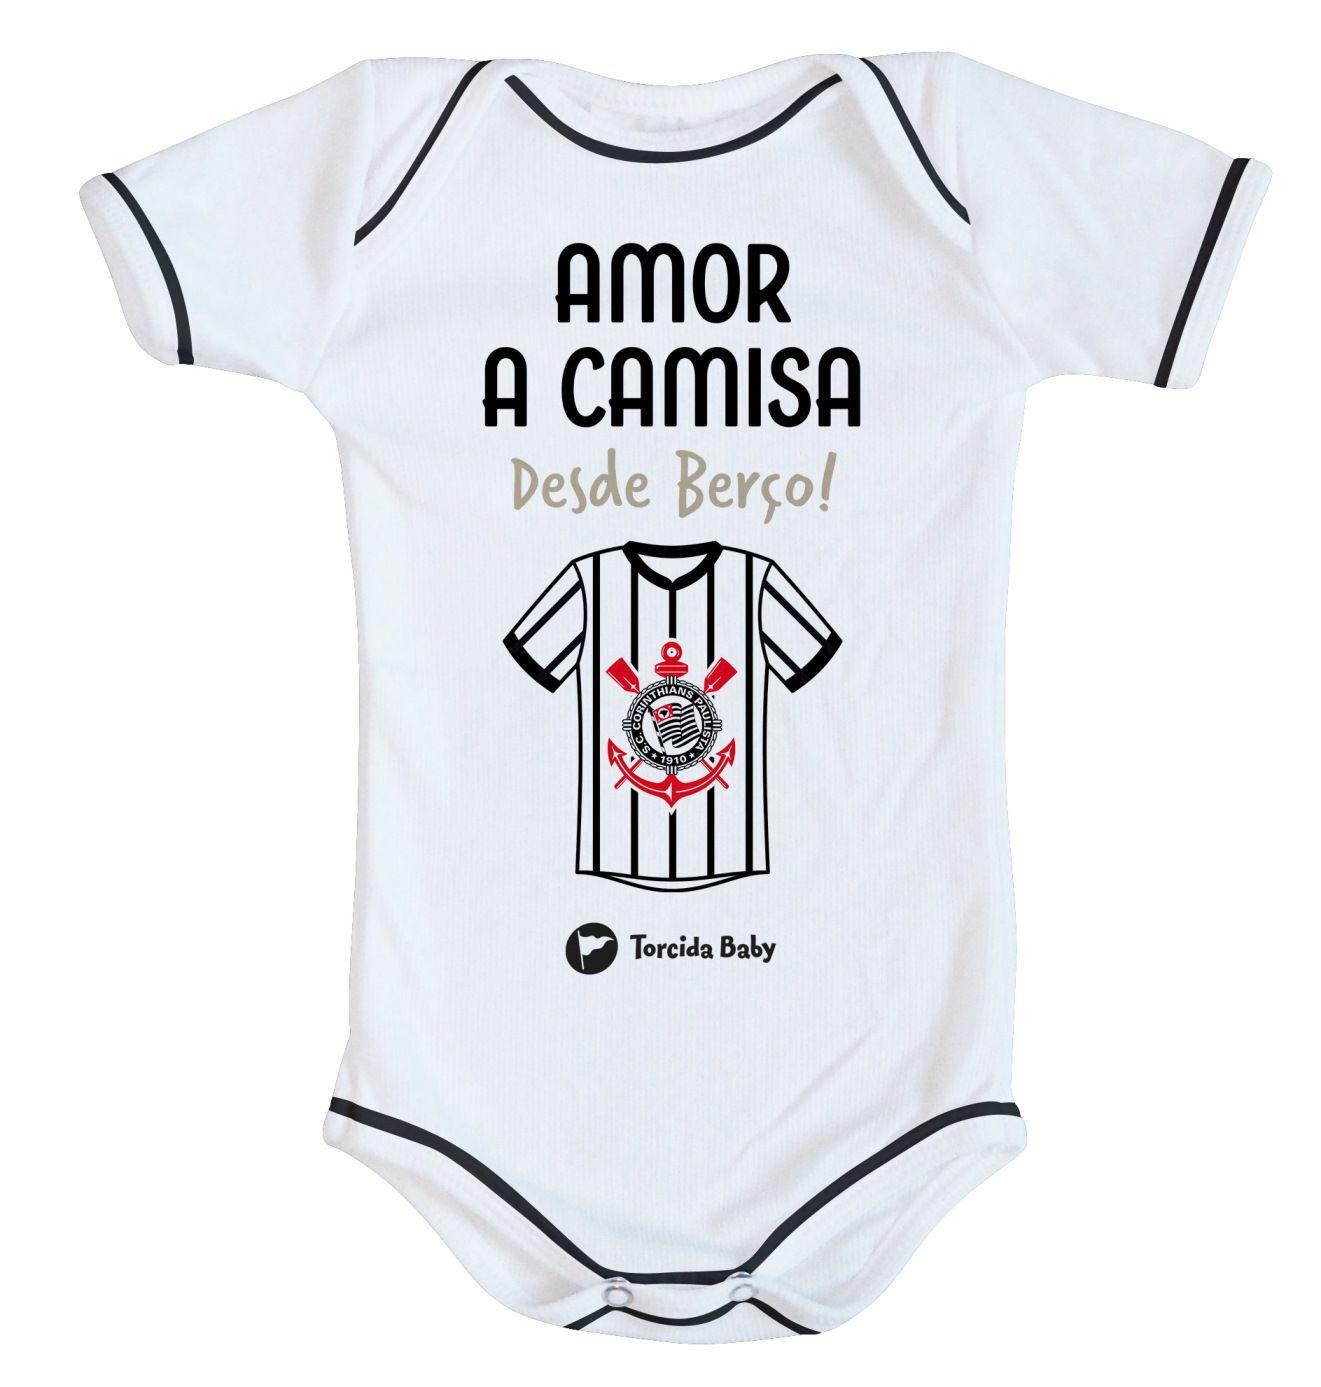 1e85e75284 Body Corinthians - Amor a Camisa desde Berço - Torcida Baby Oficial ...